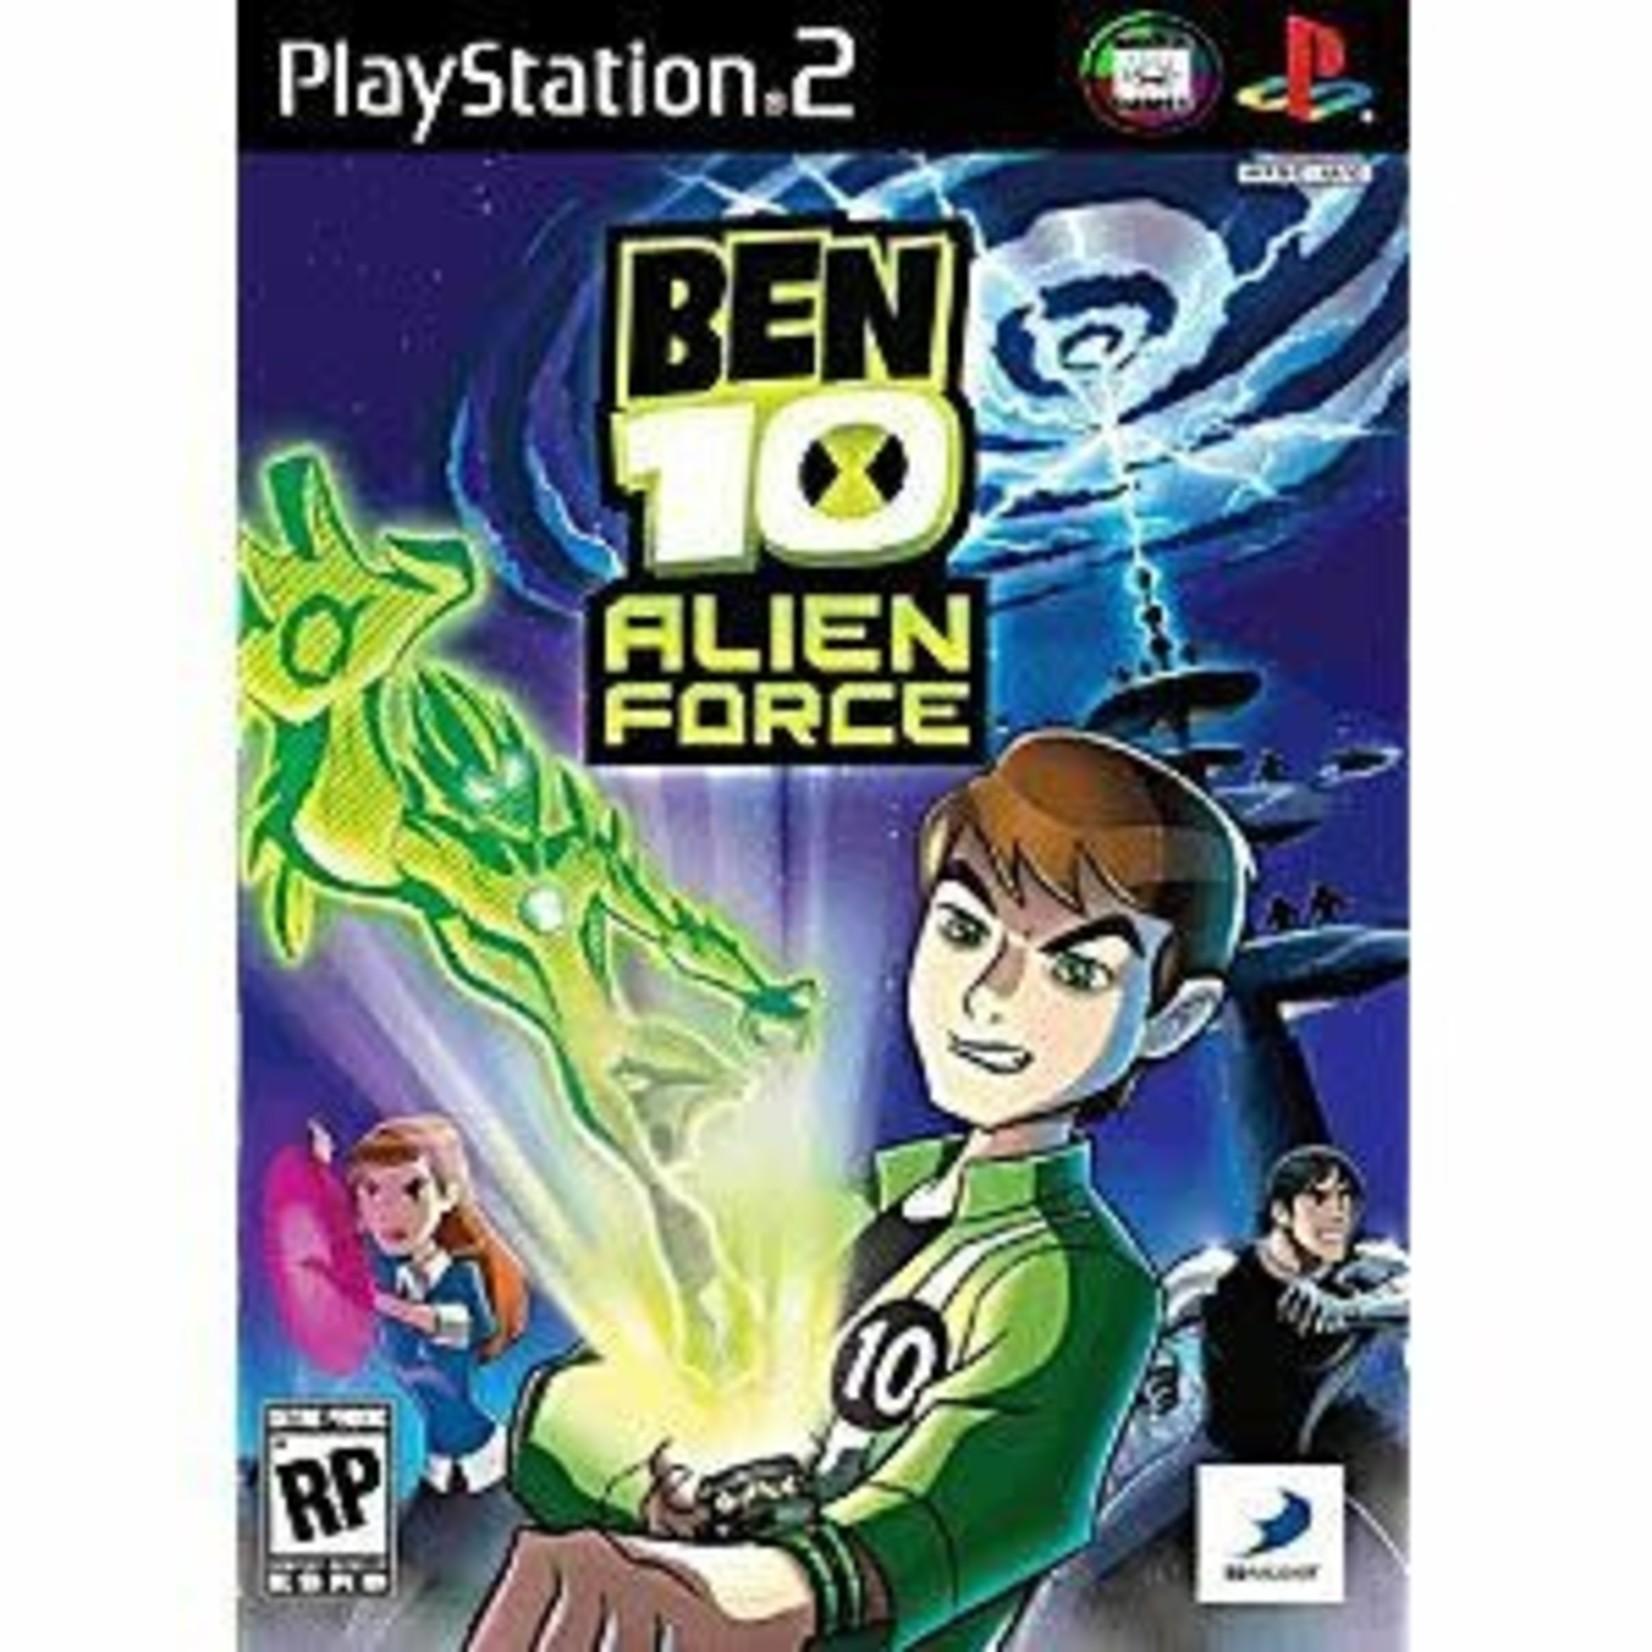 PS2U-Ben 10 Alien Force